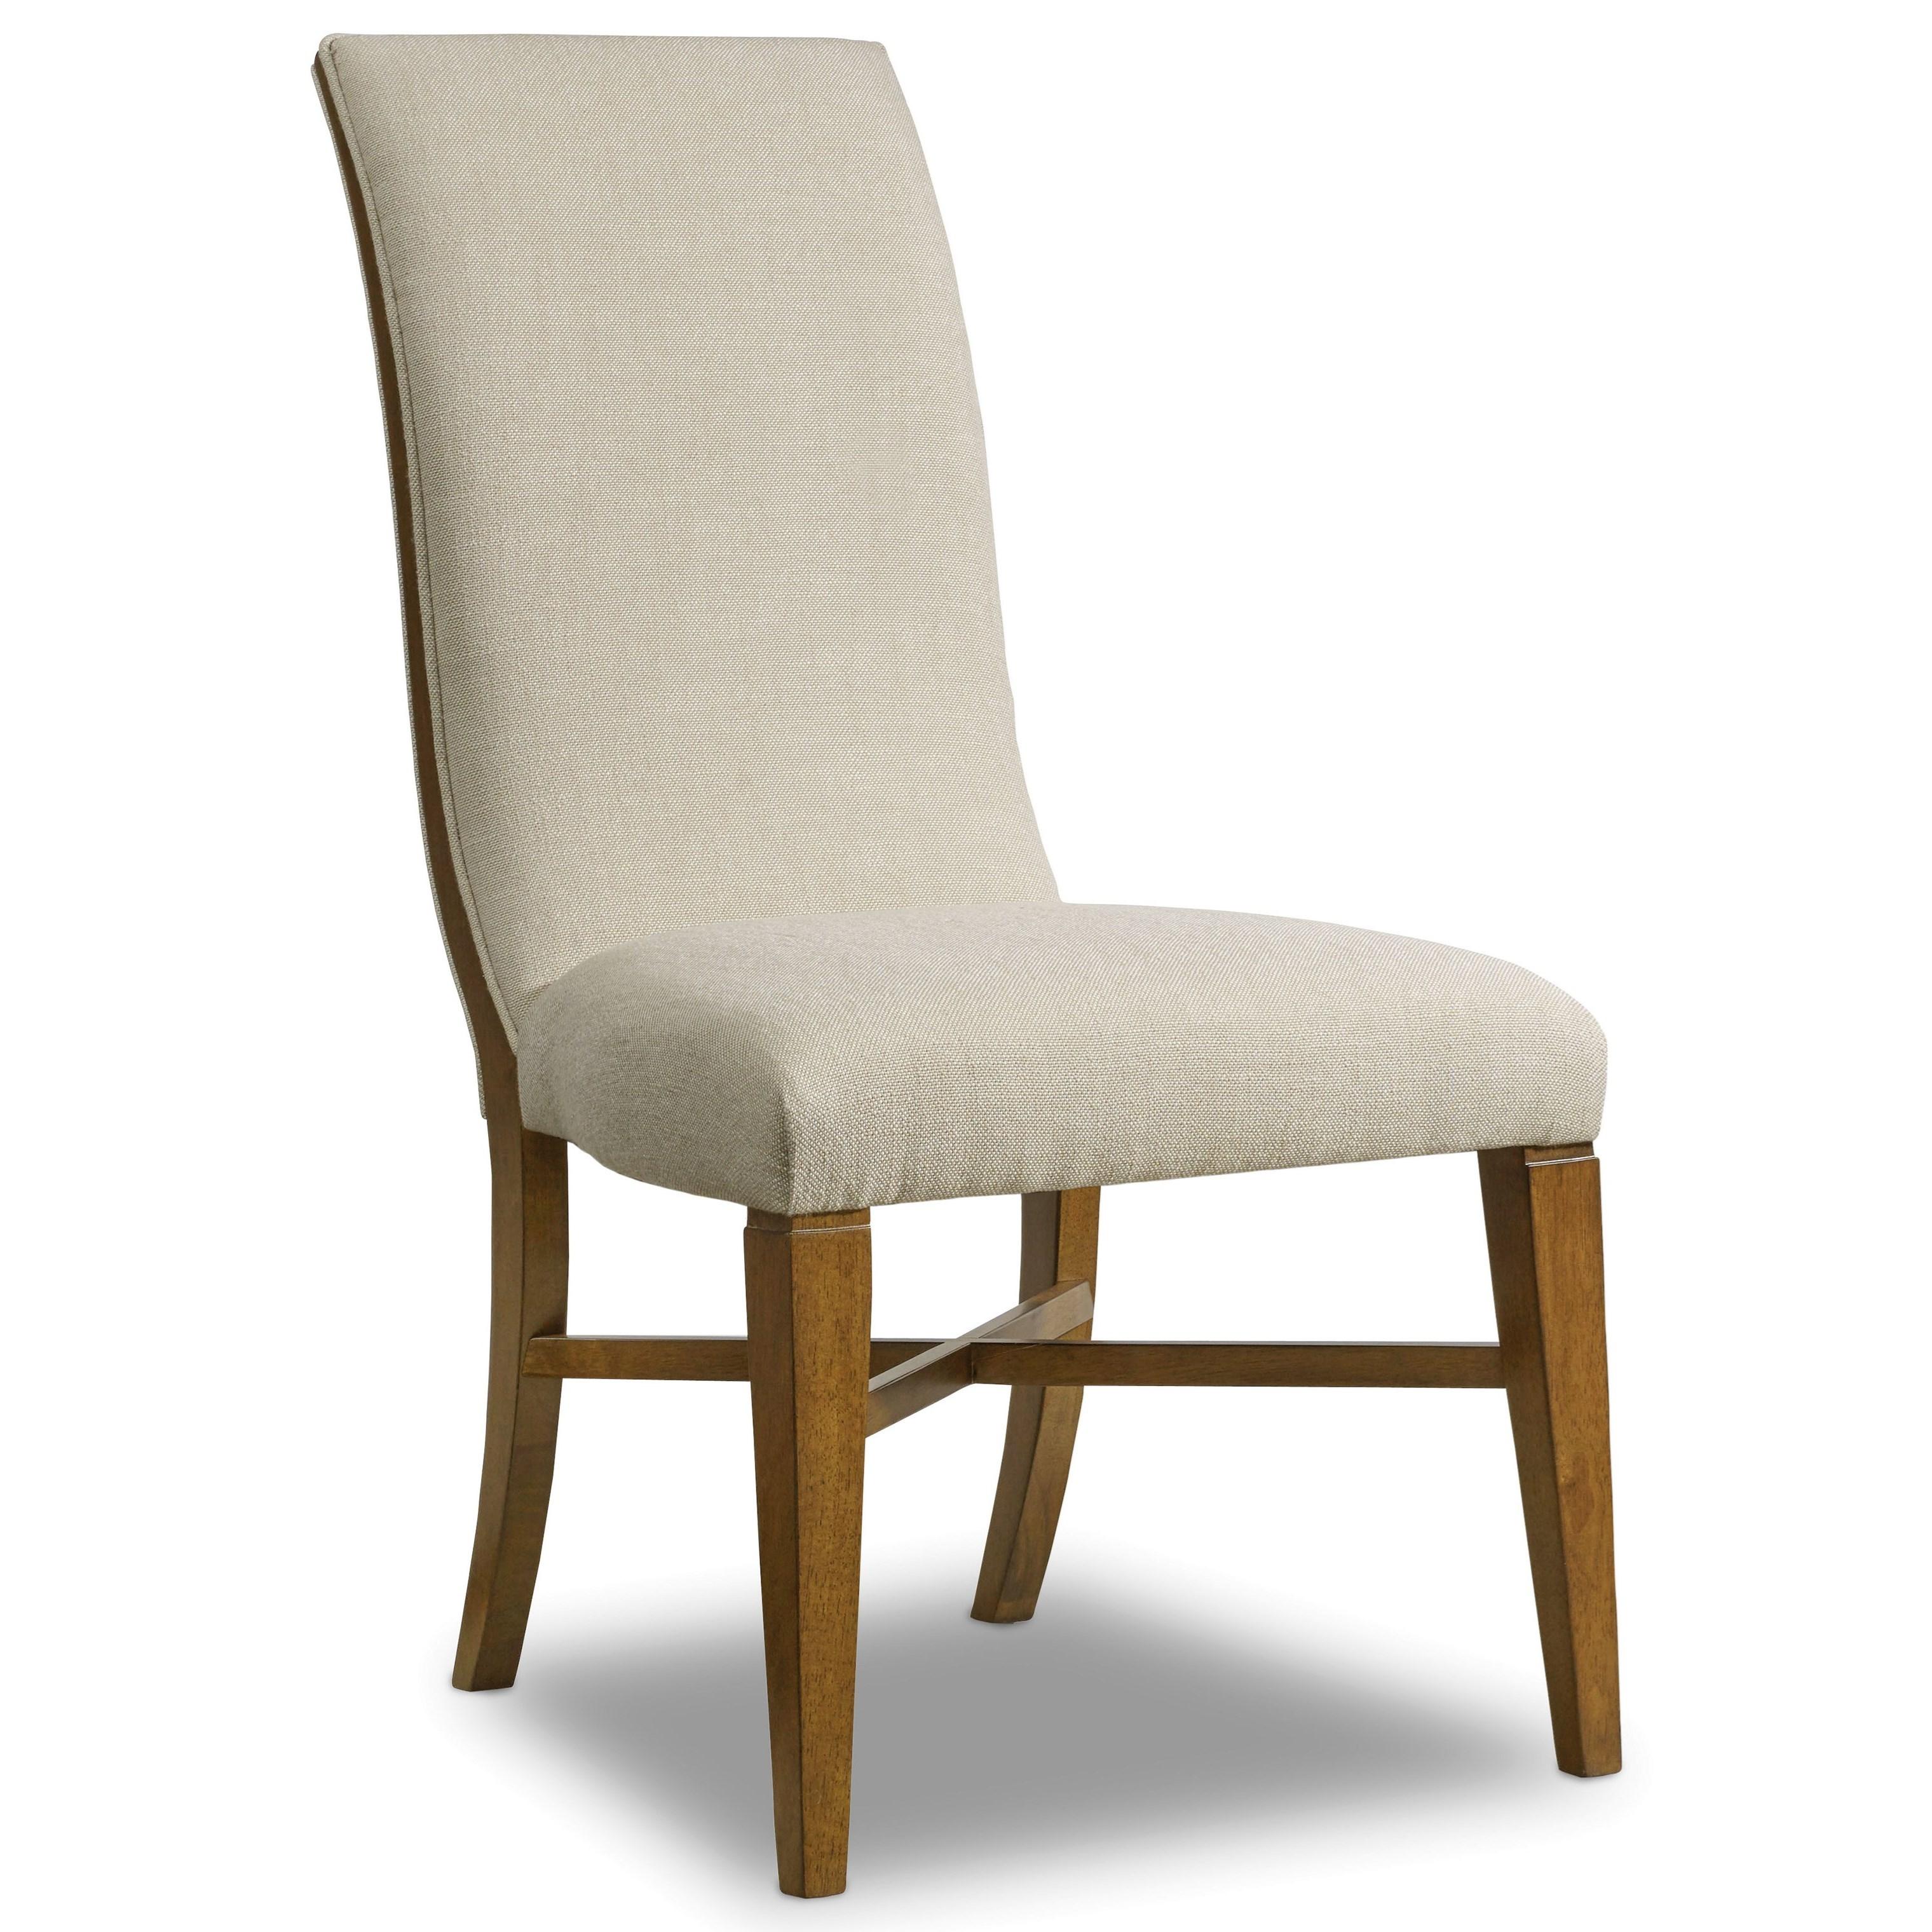 Hooker Furniture Retropolitan Upholstered Side Chair - Item Number: 5510-75510-MWD